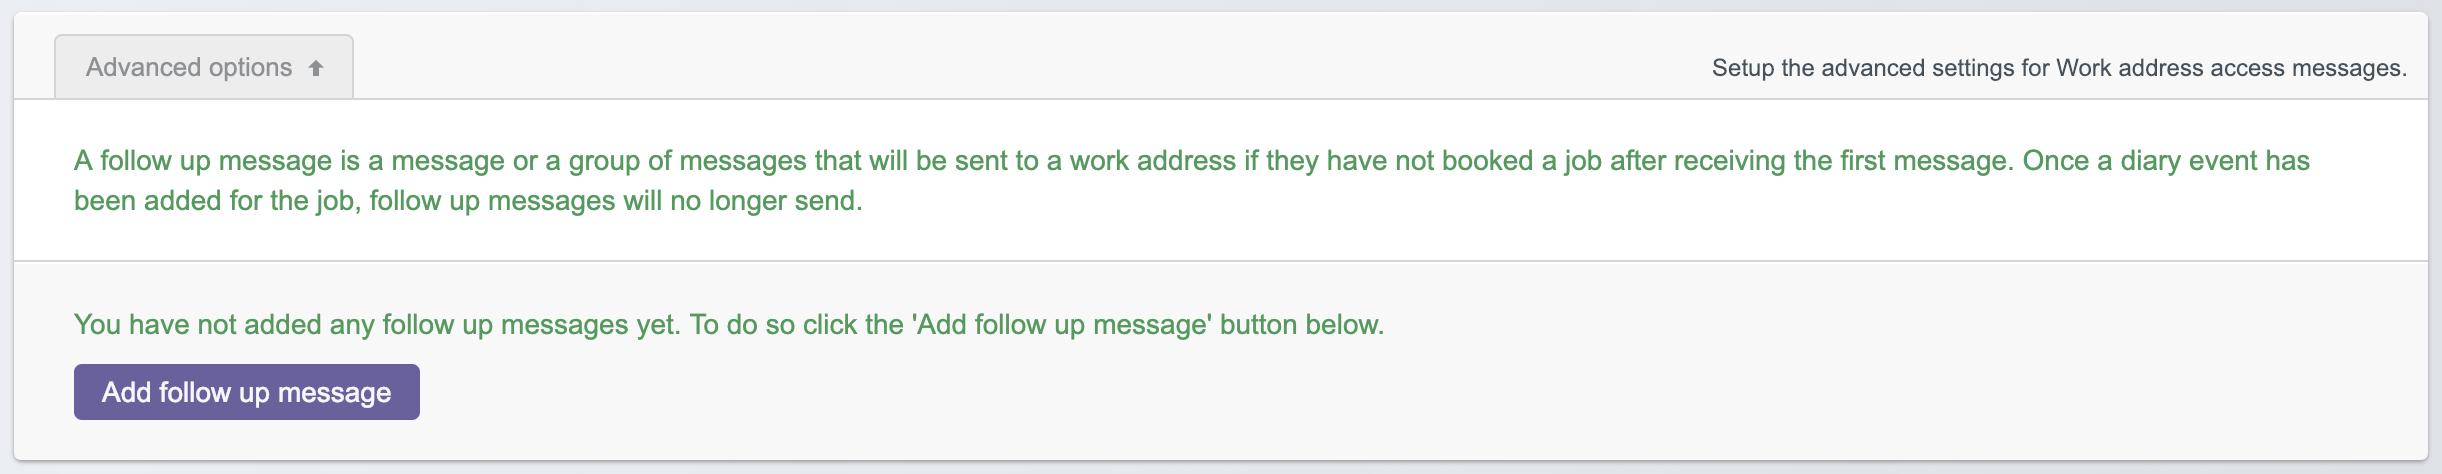 Add a follow up message